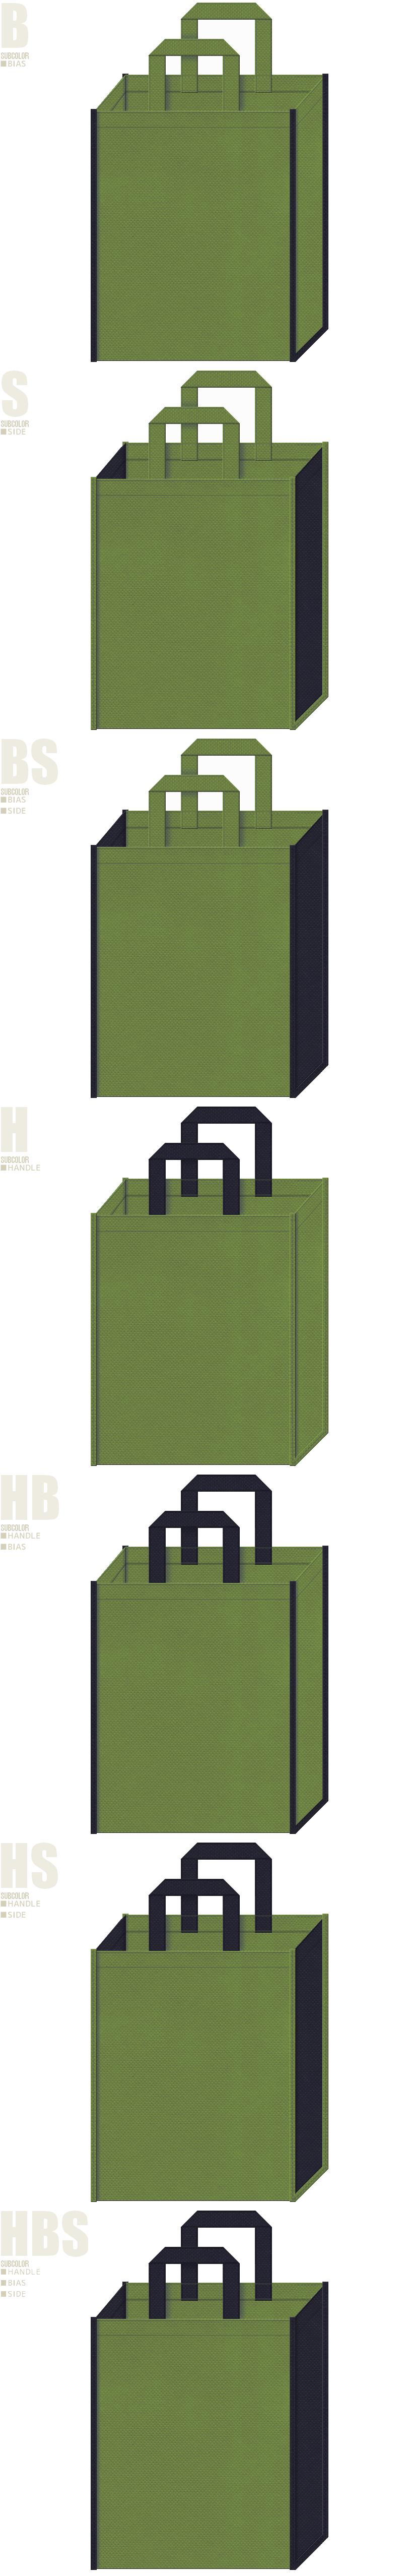 草色と濃紺色、7パターンの不織布トートバッグ配色デザイン例。歴史セミナー・歴史書籍のバッグノベルティ